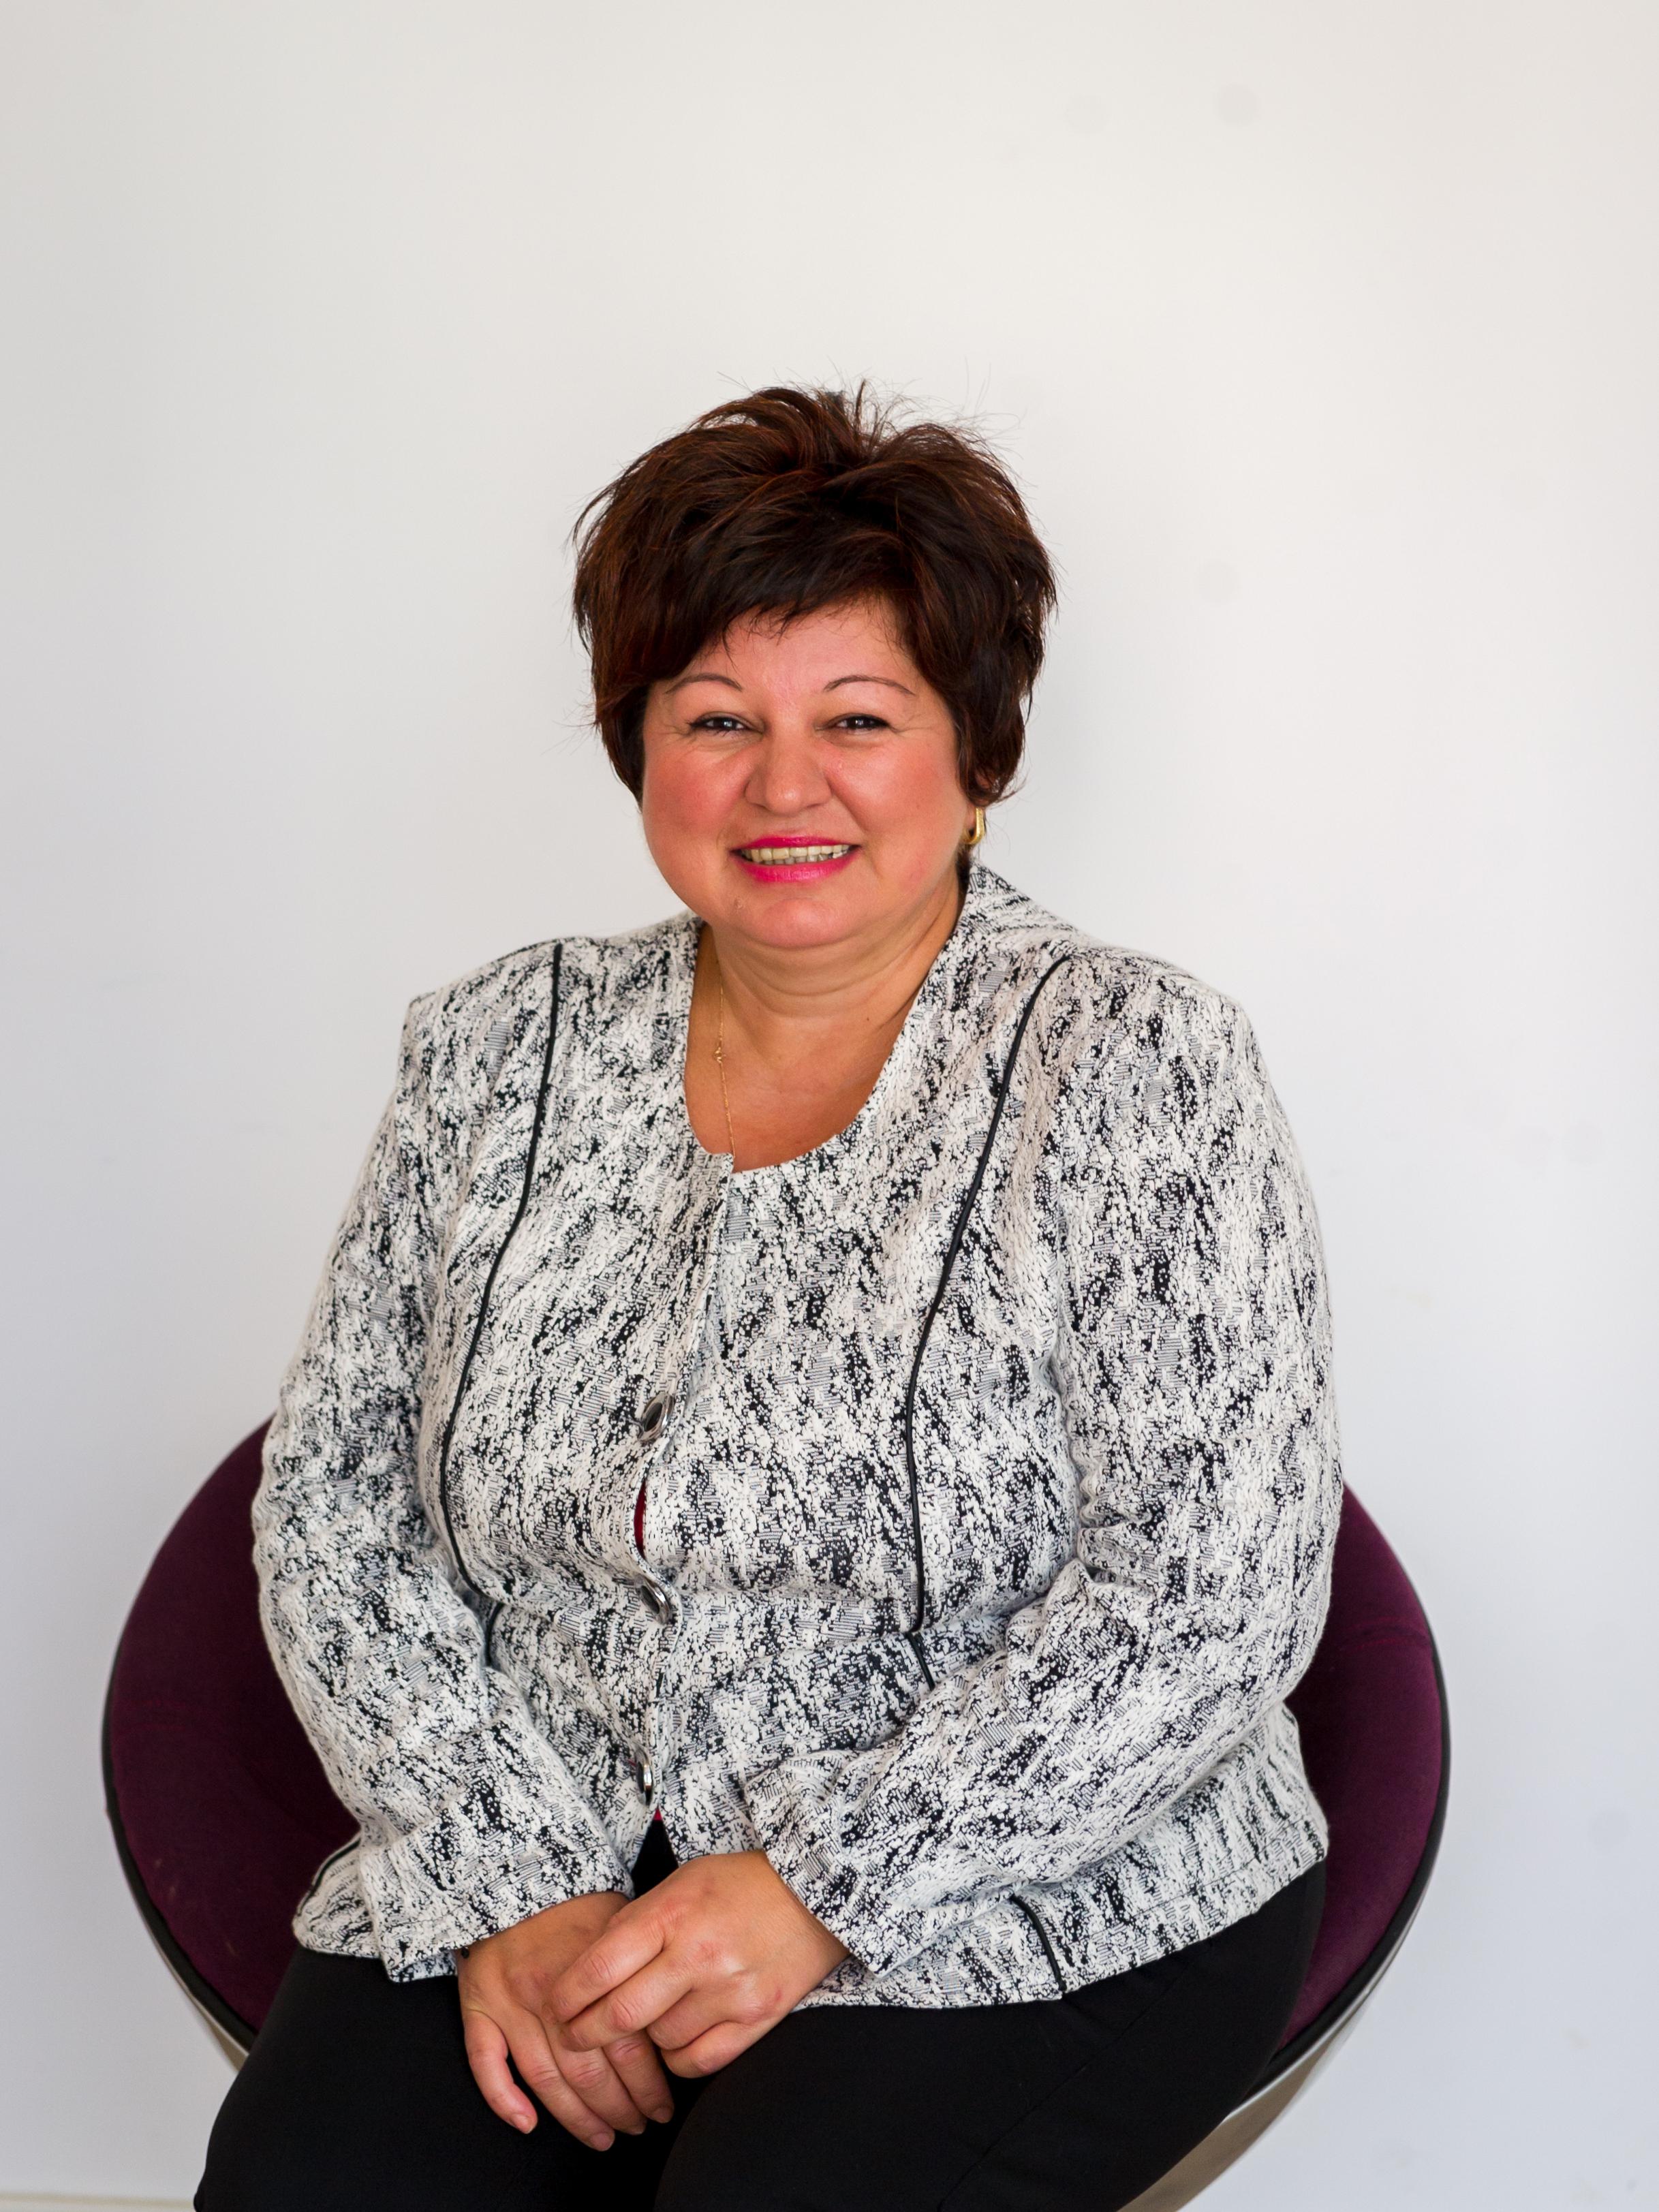 Fazakas Cristina